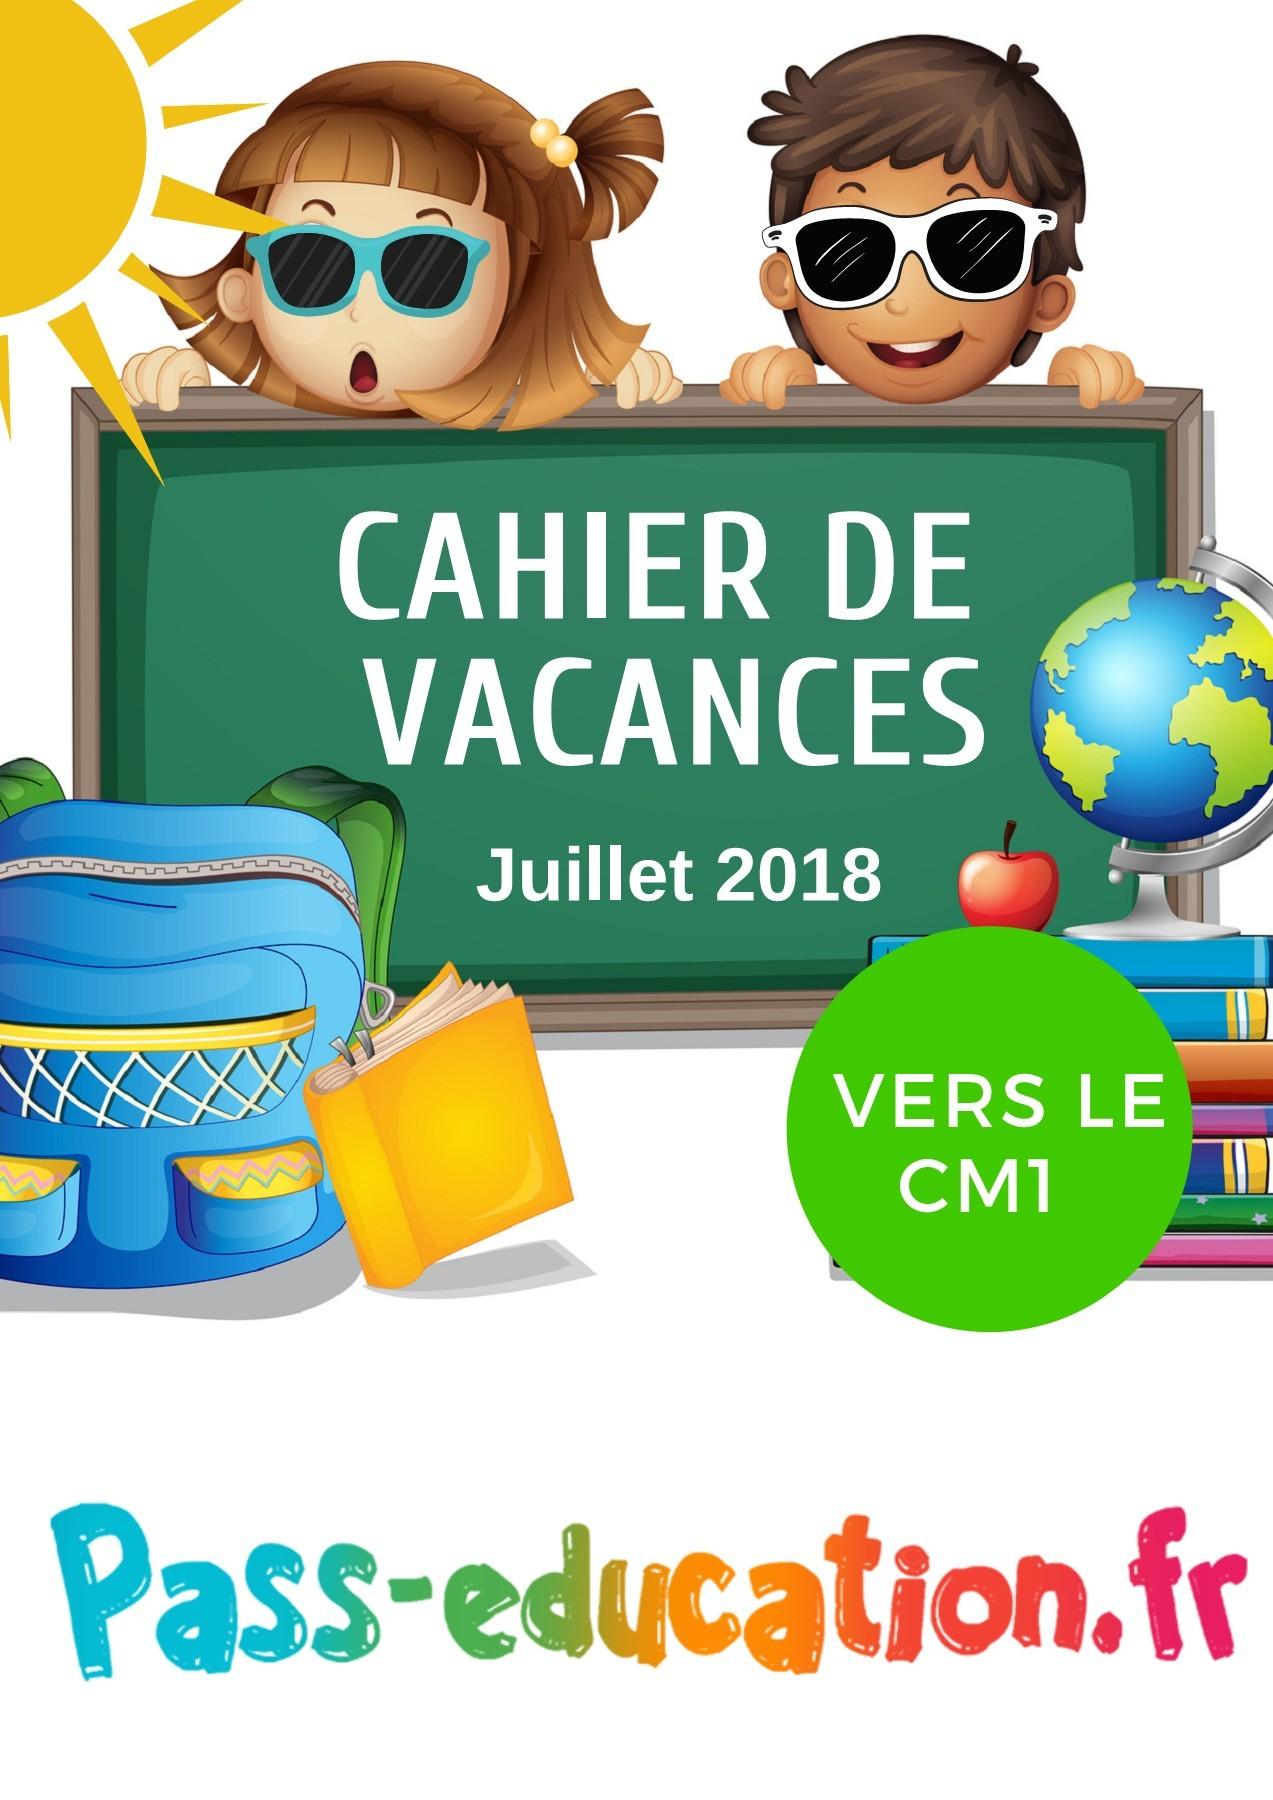 Cahier De Vacances Gratuit À Imprimer - Ce2 Vers Le Cm1 destiné Cahier De Vacances Maternelle Gratuit A Imprimer